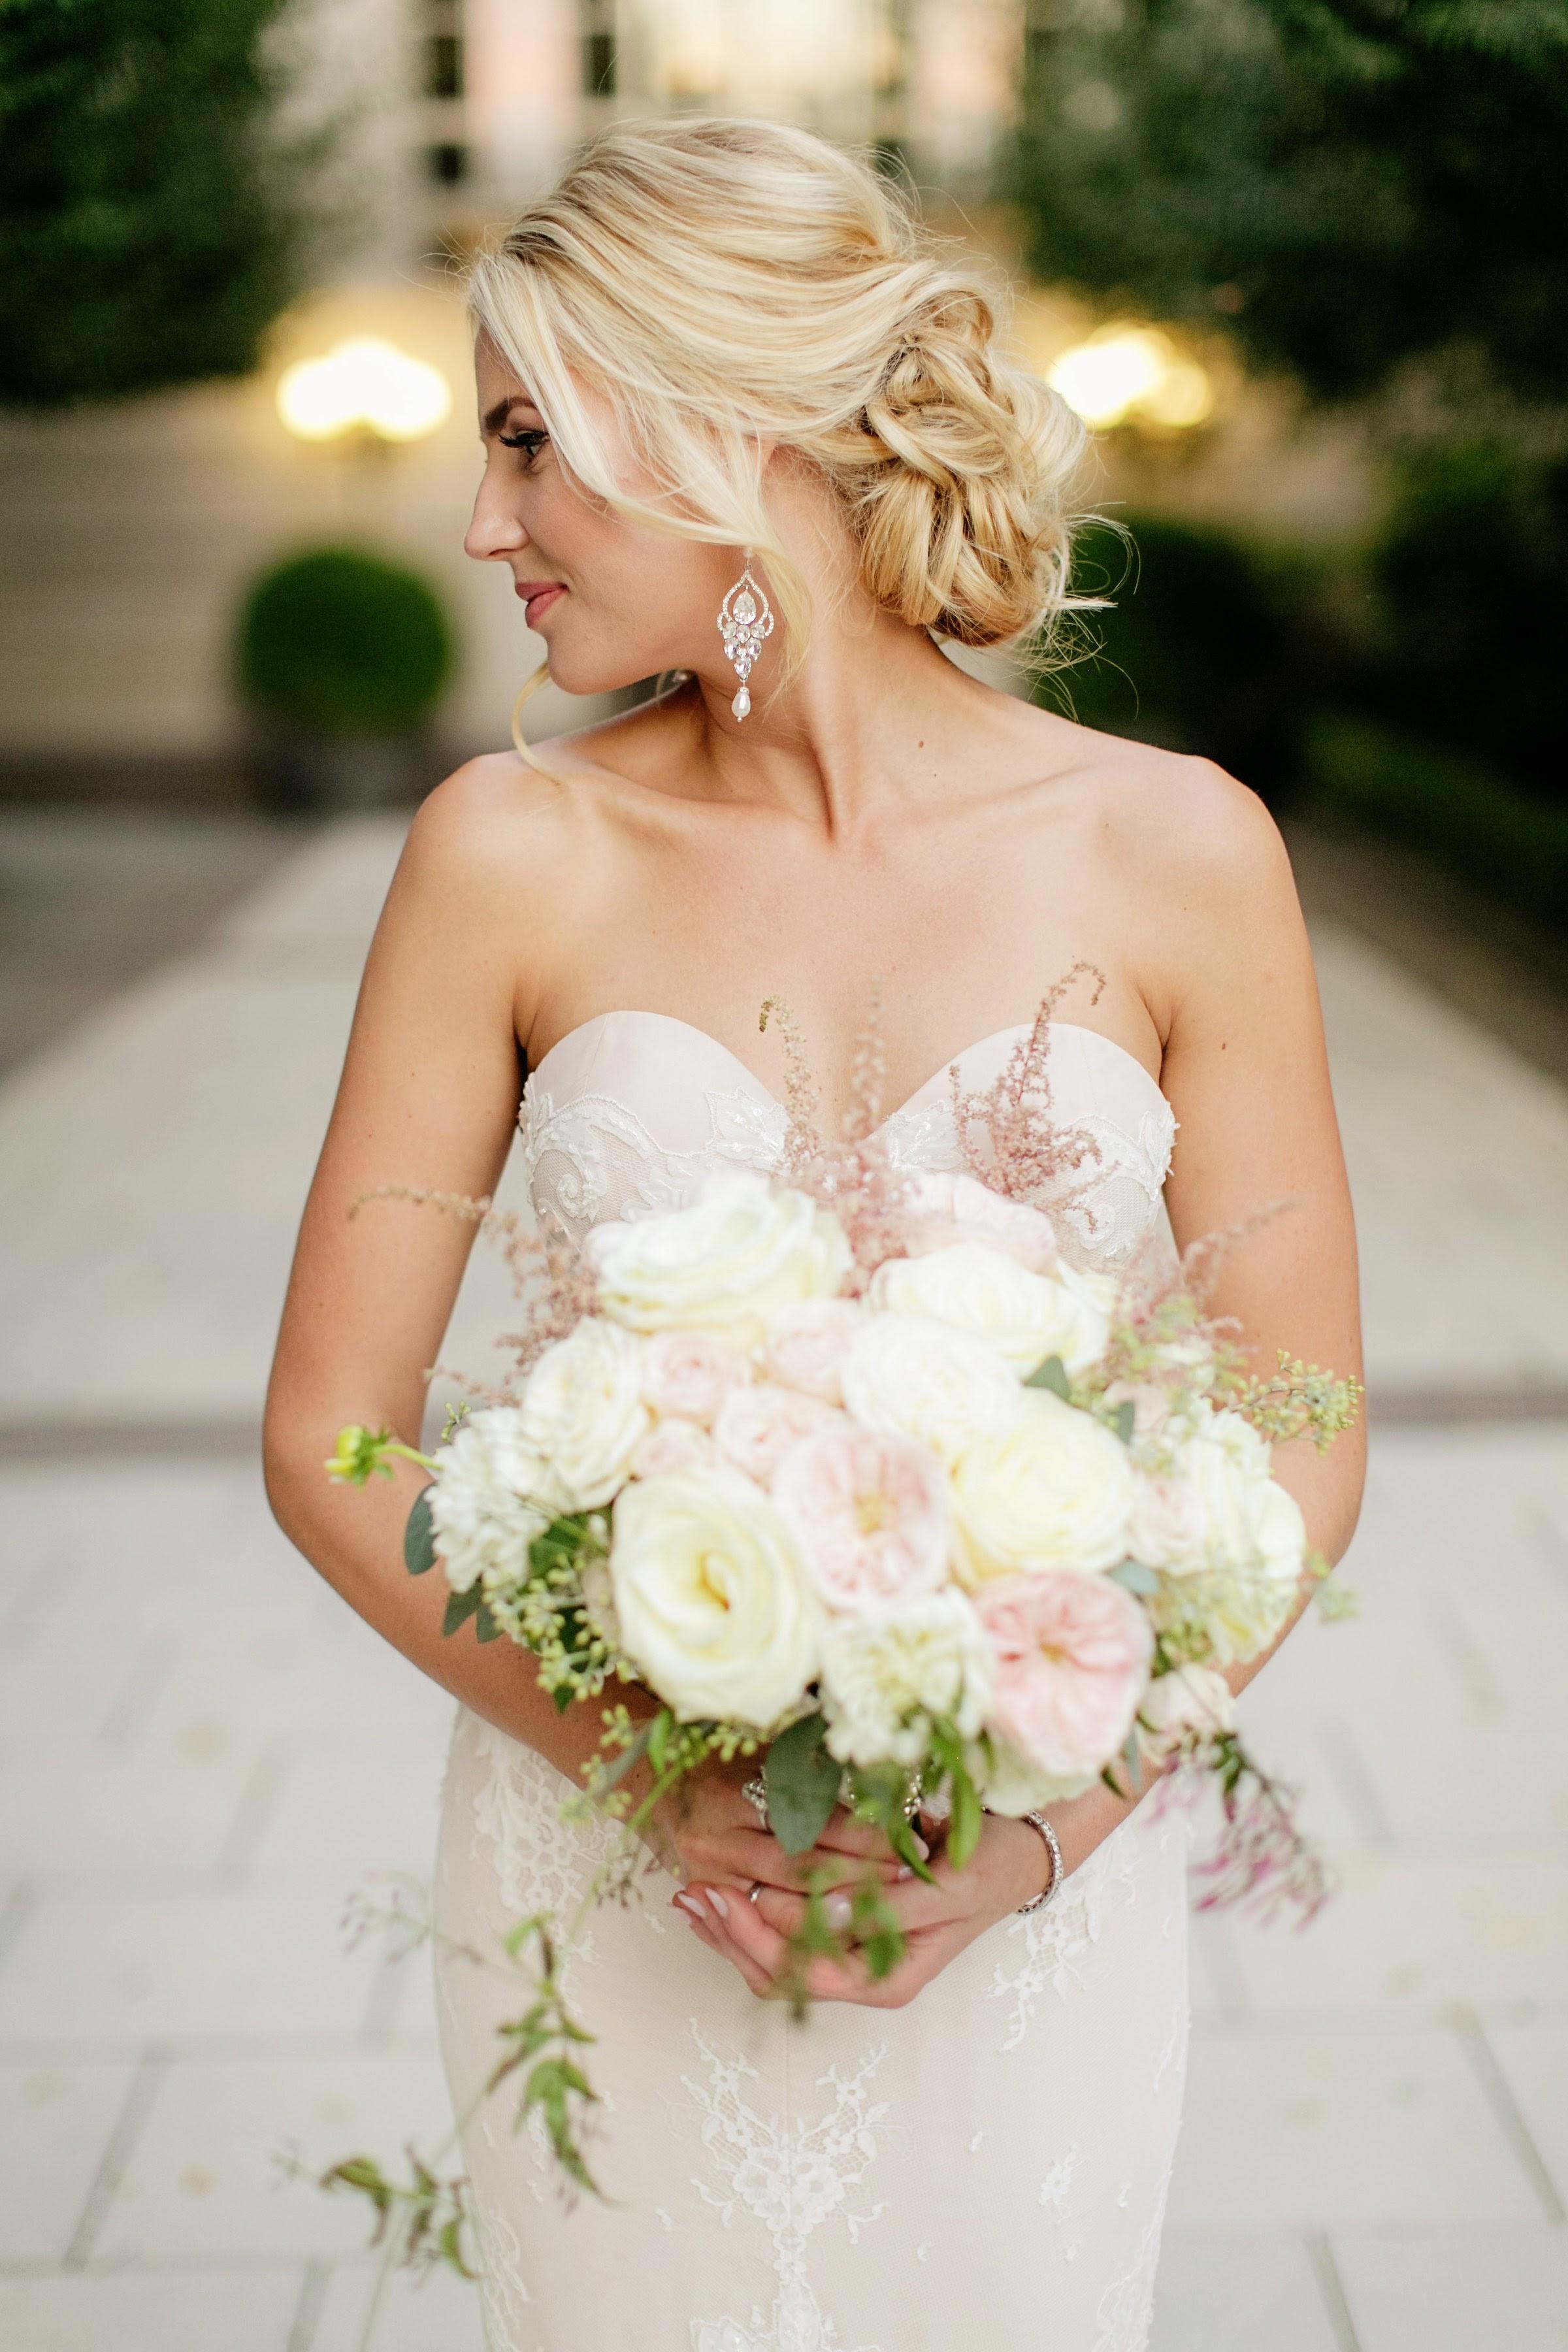 Bridal Jewelry - Wedding Jewelry